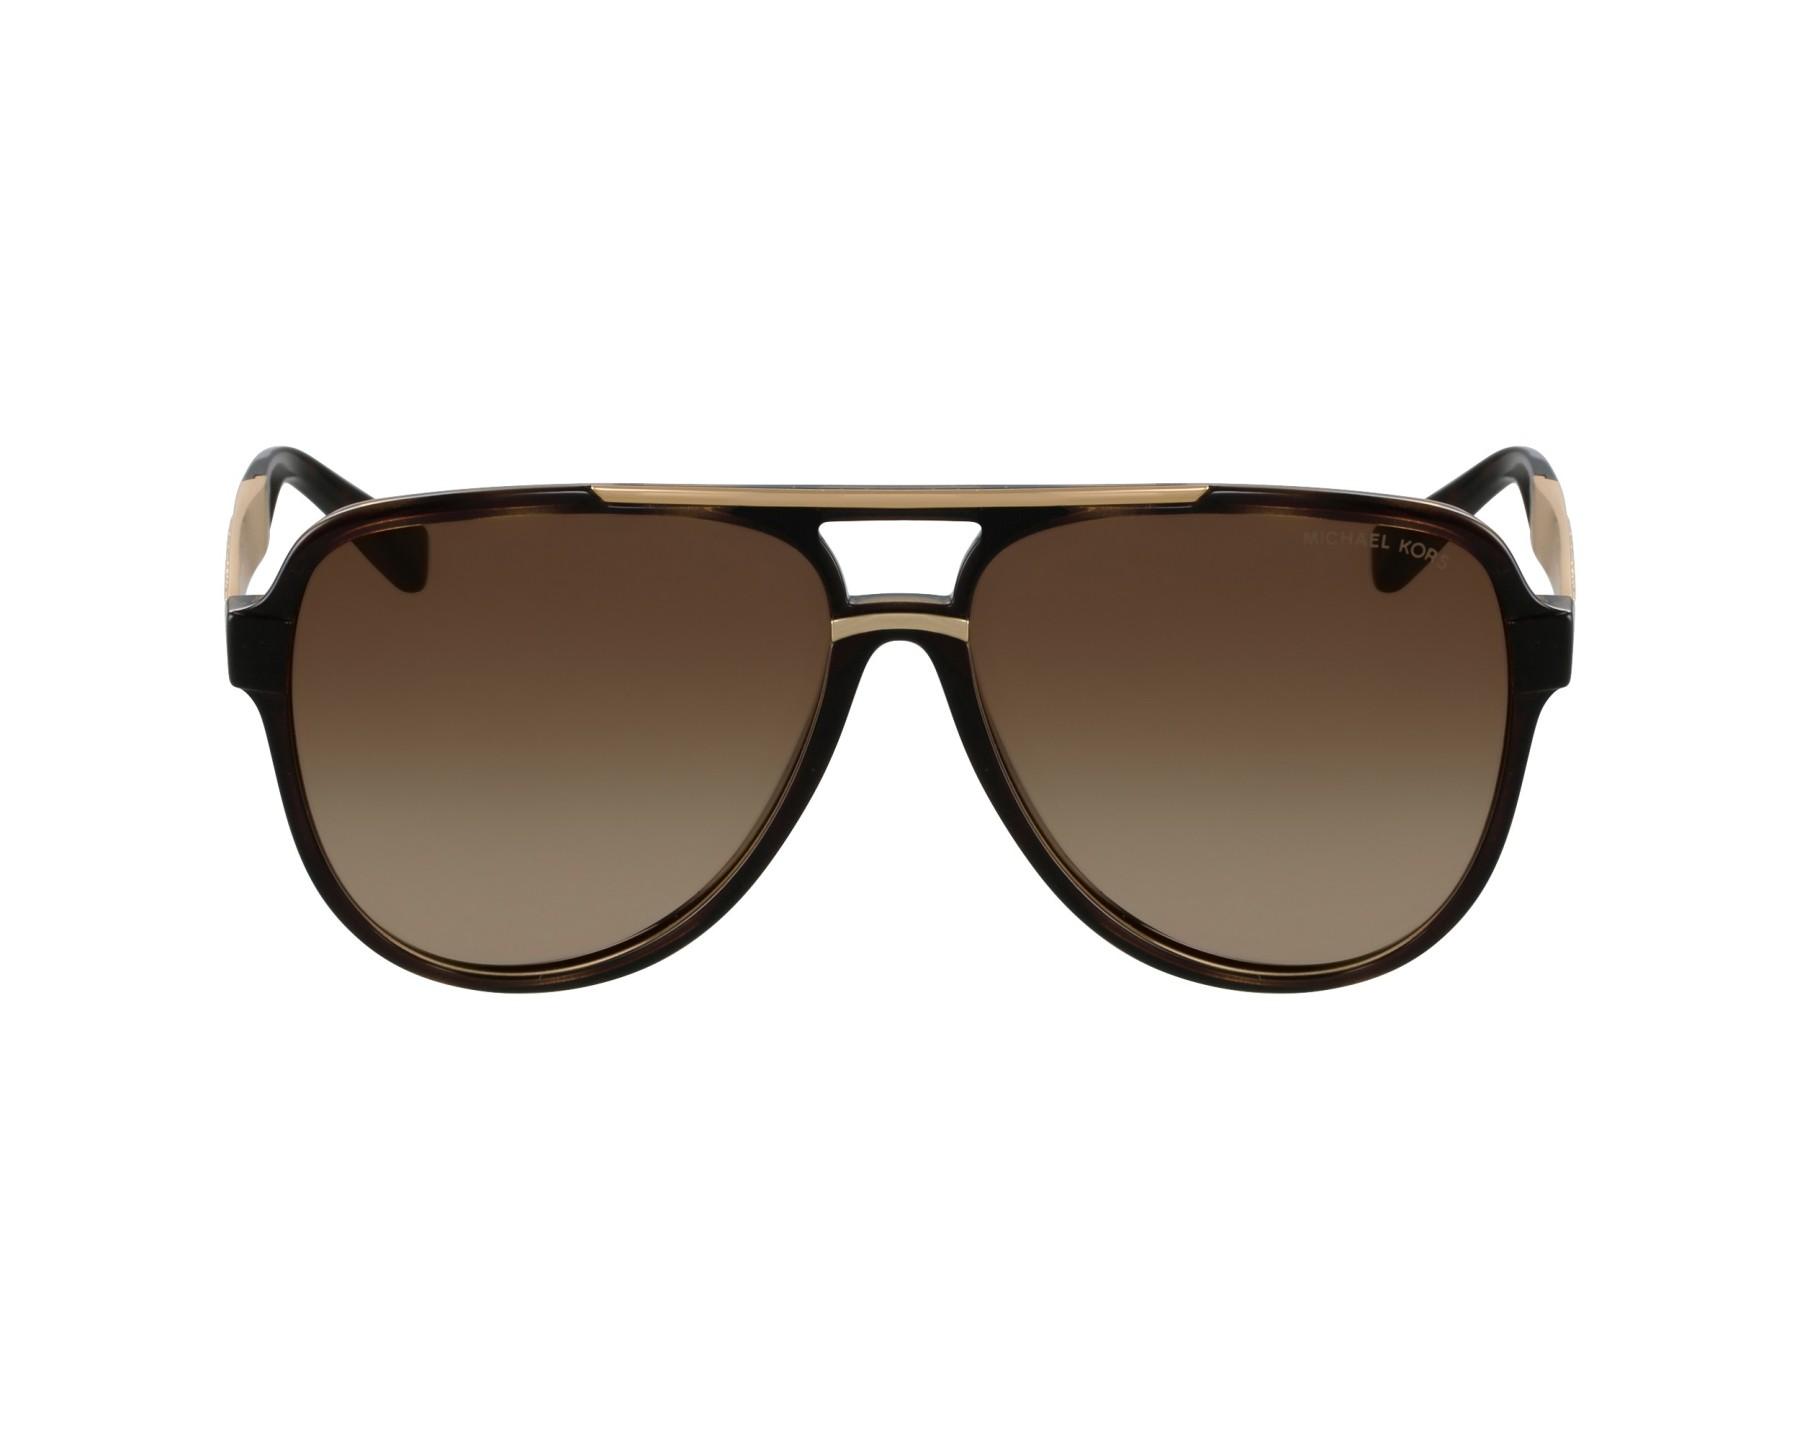 442544dc45432 ... Michael Kors Sunglasses CLEMENTINE II MK-6025 310613  MICHAEL KORS   Lunettes de soleil Femme MICHAEL KORS 3646 NOIR ...